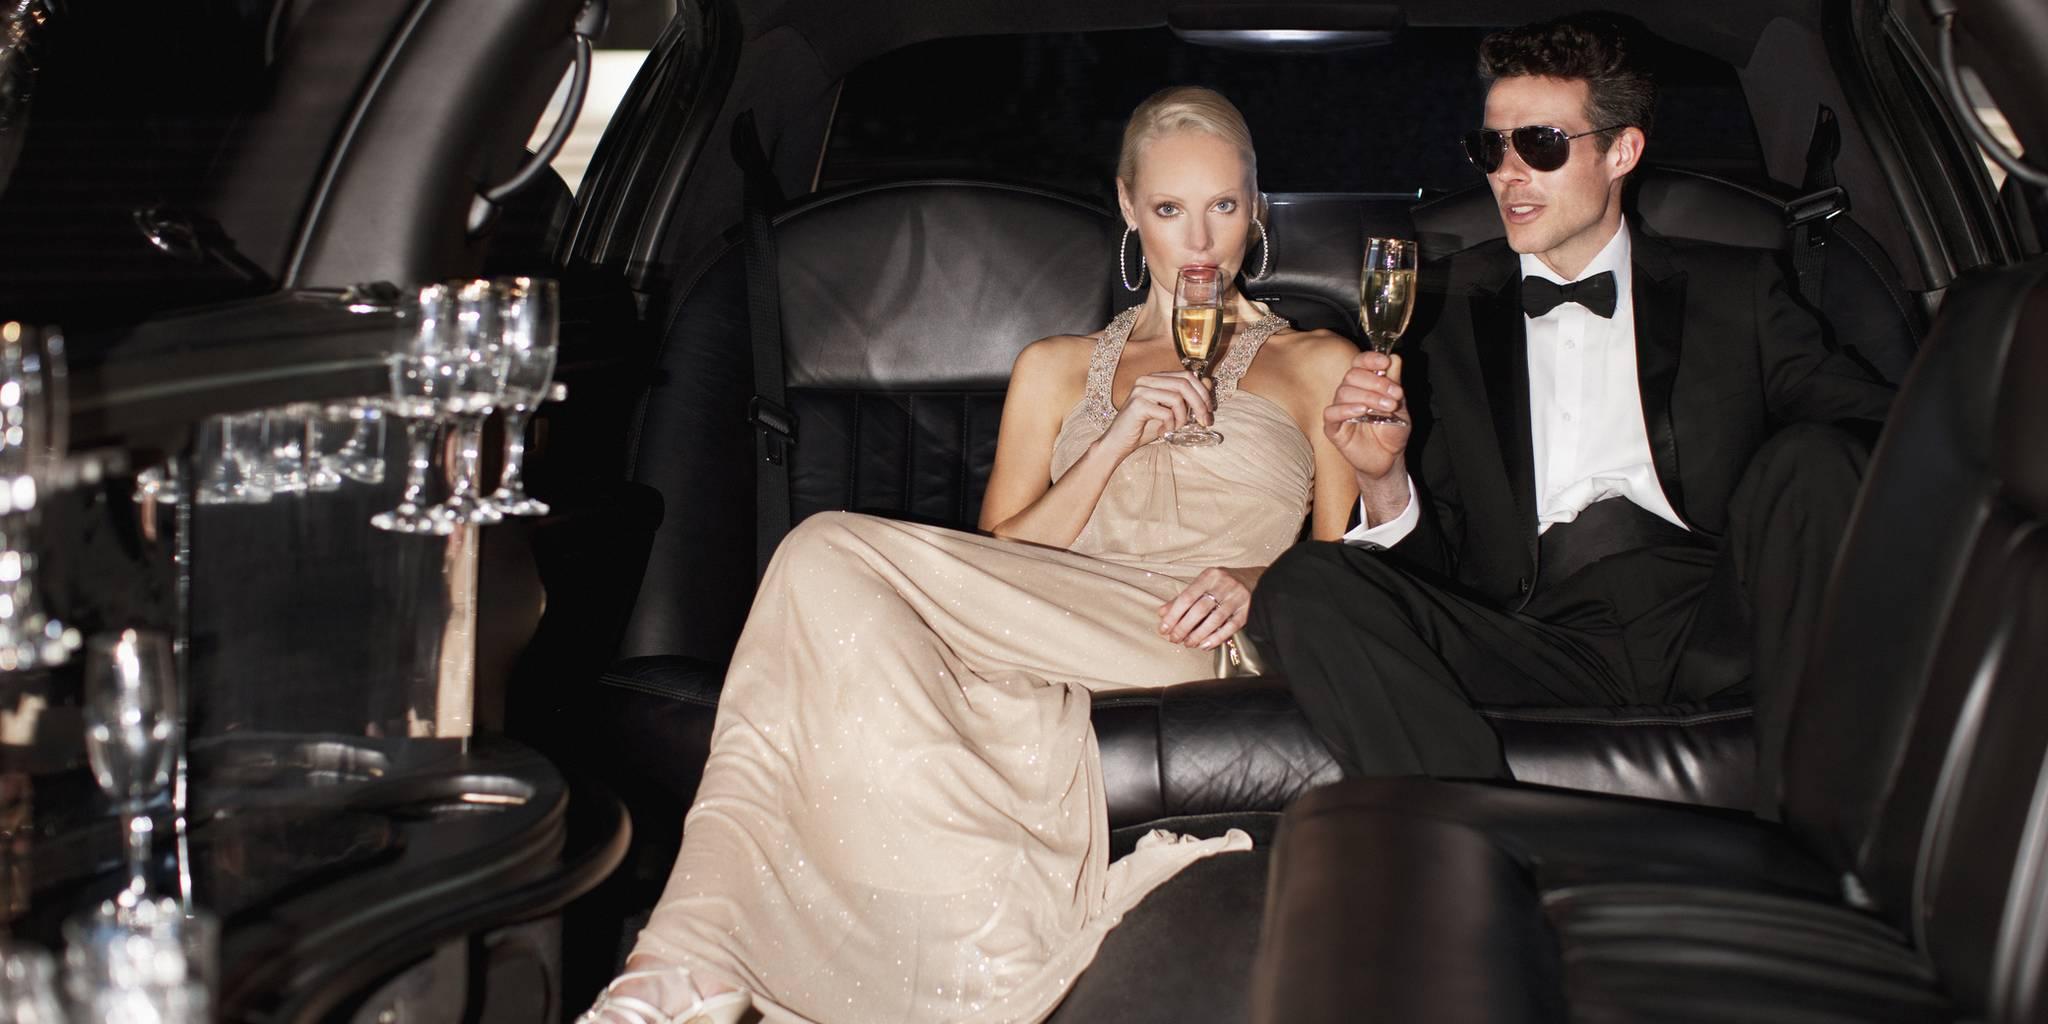 executive-car-service-boulder-wedding-limo-colorado